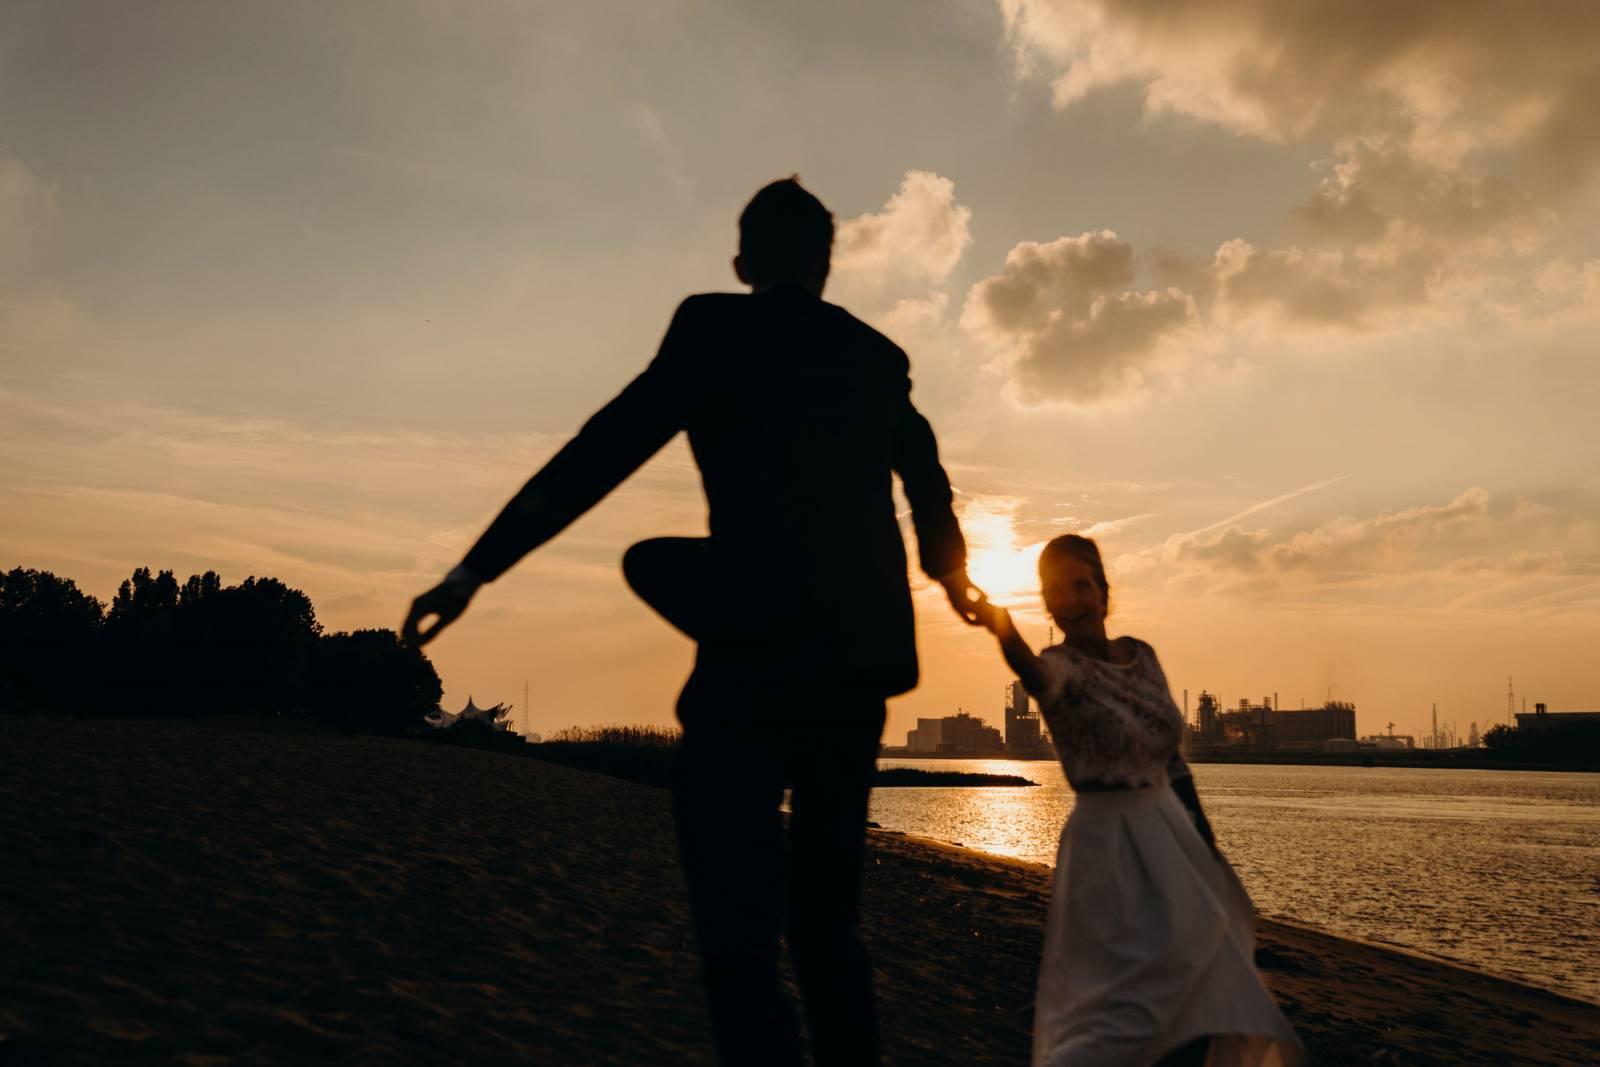 Frankie and Fish - Trouwfotograaf - Huwelijksfotograaf - Bruidsfotograaf - House of Weddings - 27